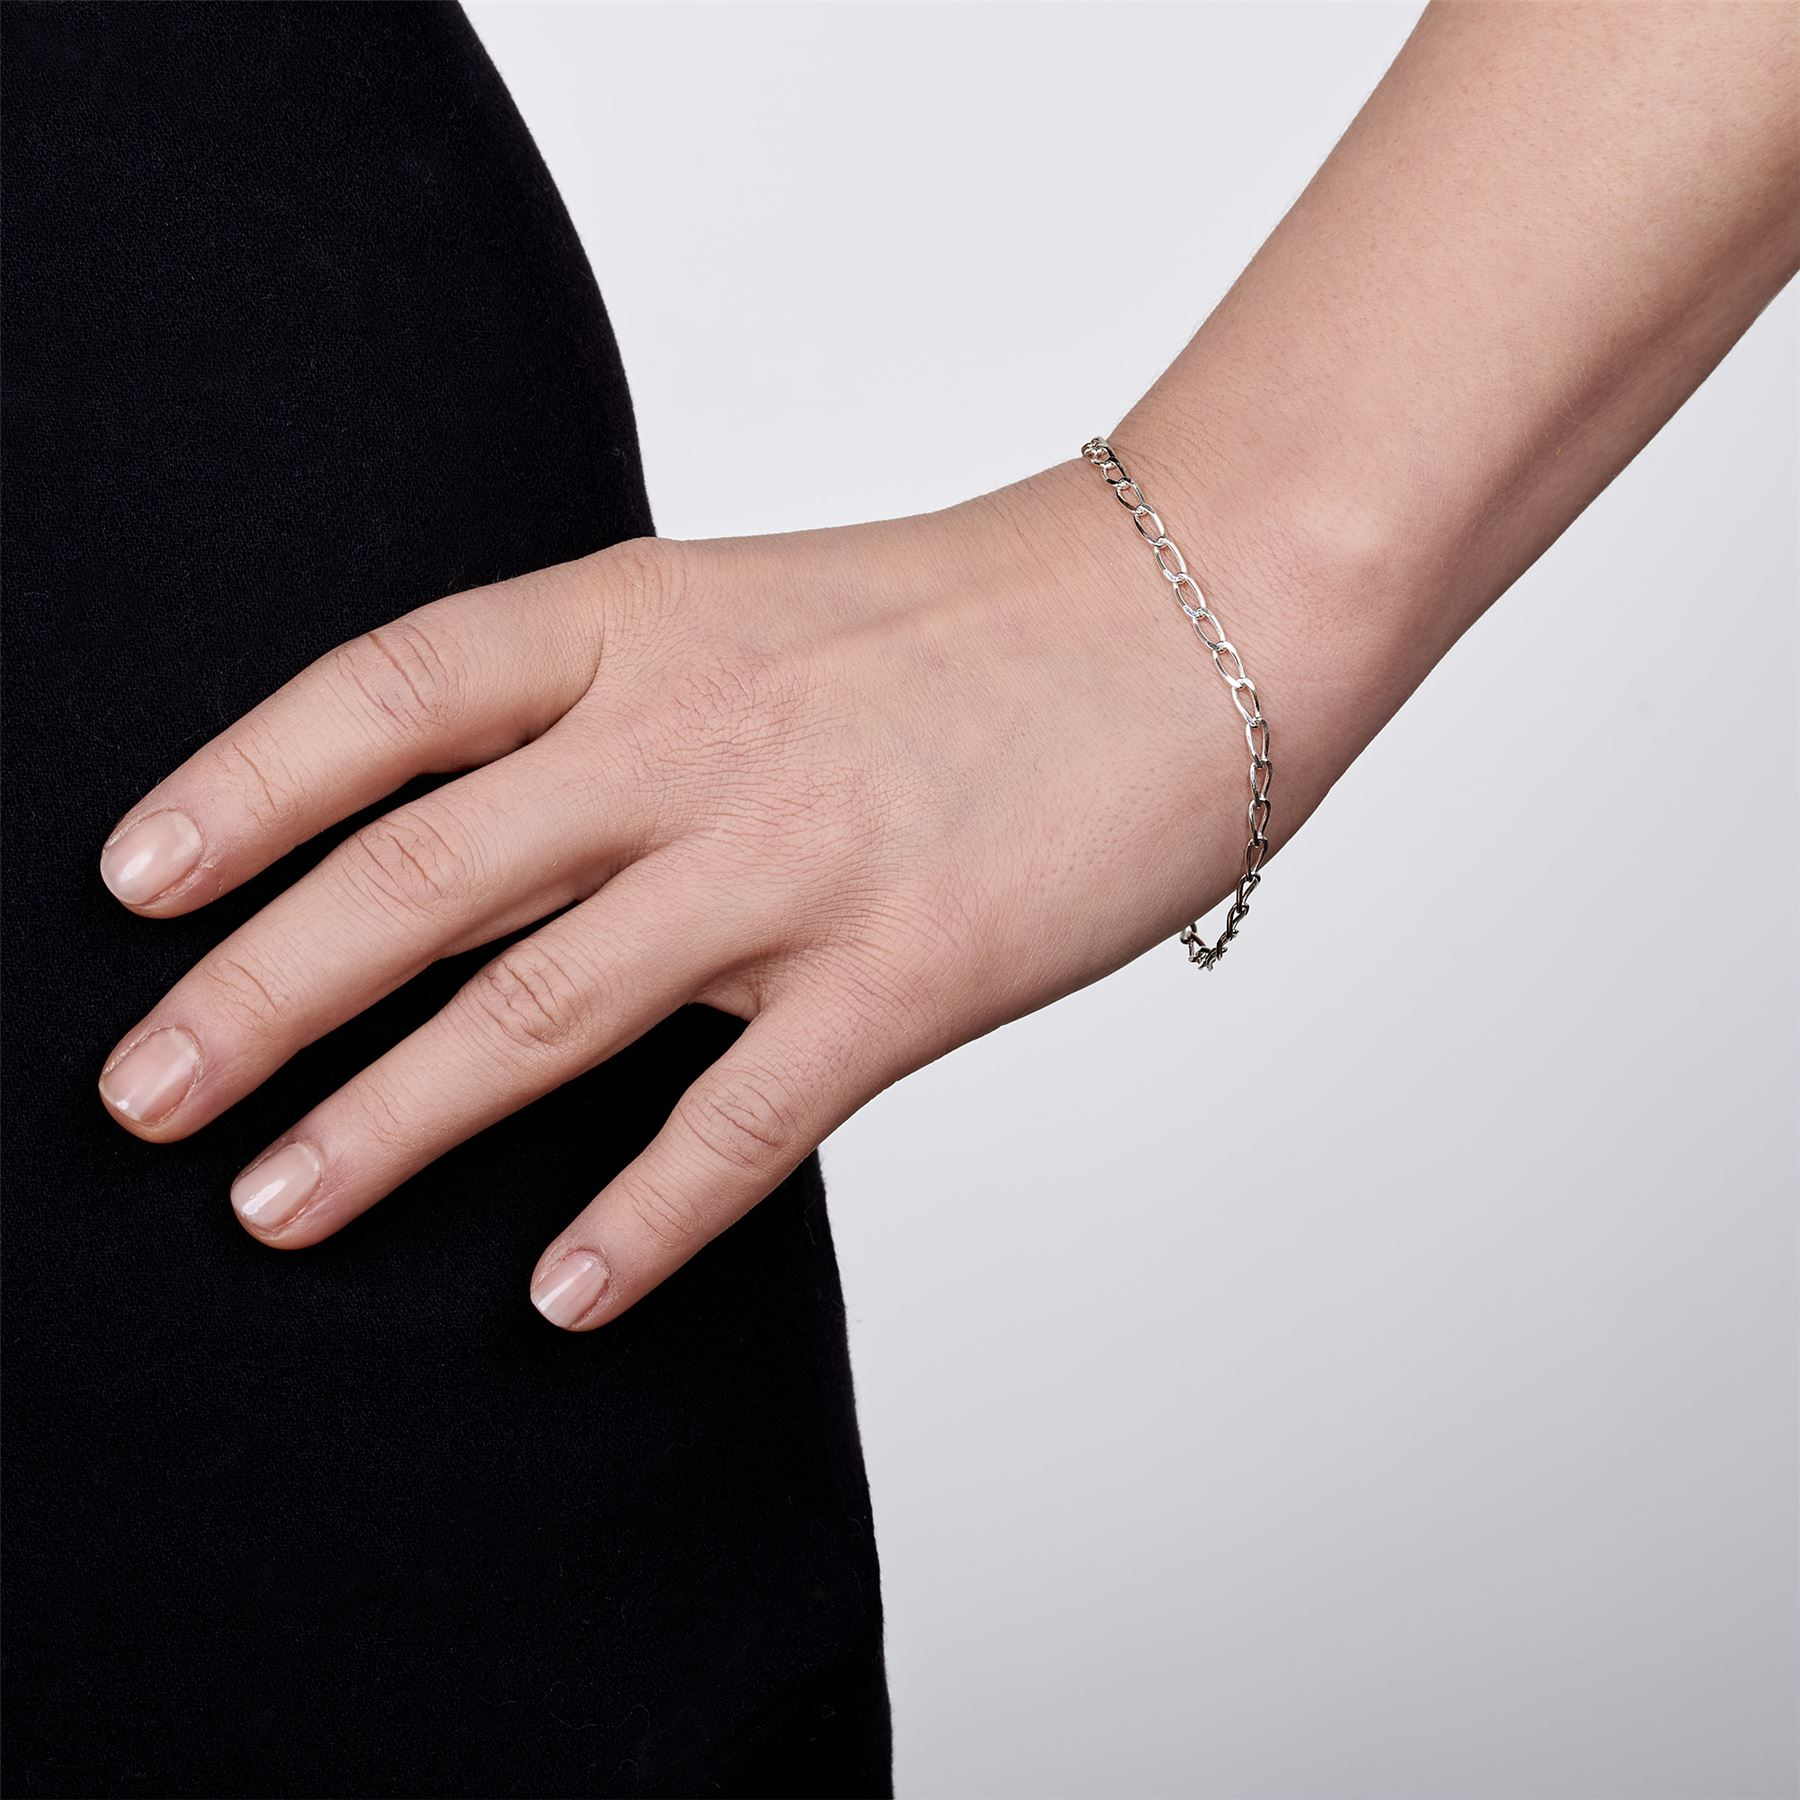 Amberta-Bijoux-Bracelet-en-Vrai-Argent-Sterling-925-Chaine-pour-Femme-a-la-Mode thumbnail 78